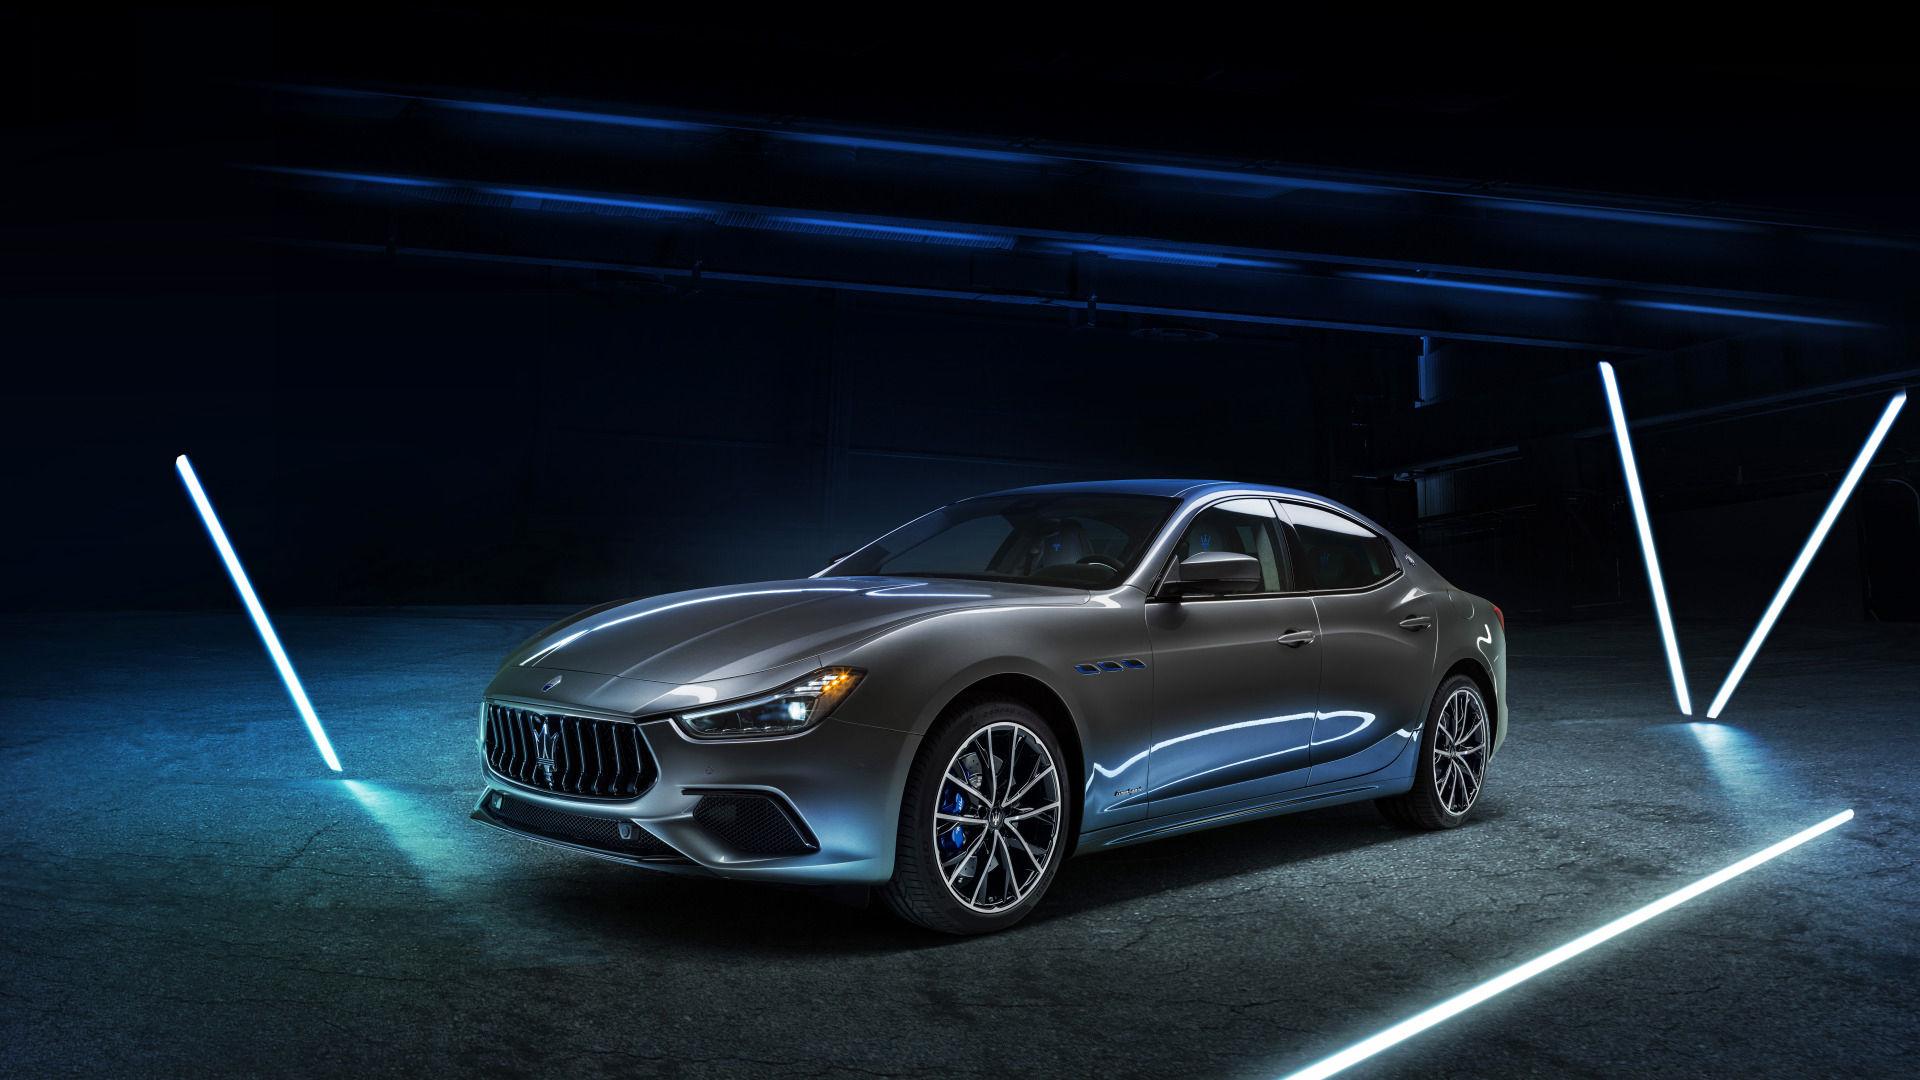 Maserati Ghibli Hybrid - Grau - Schwarzer Hintergrund